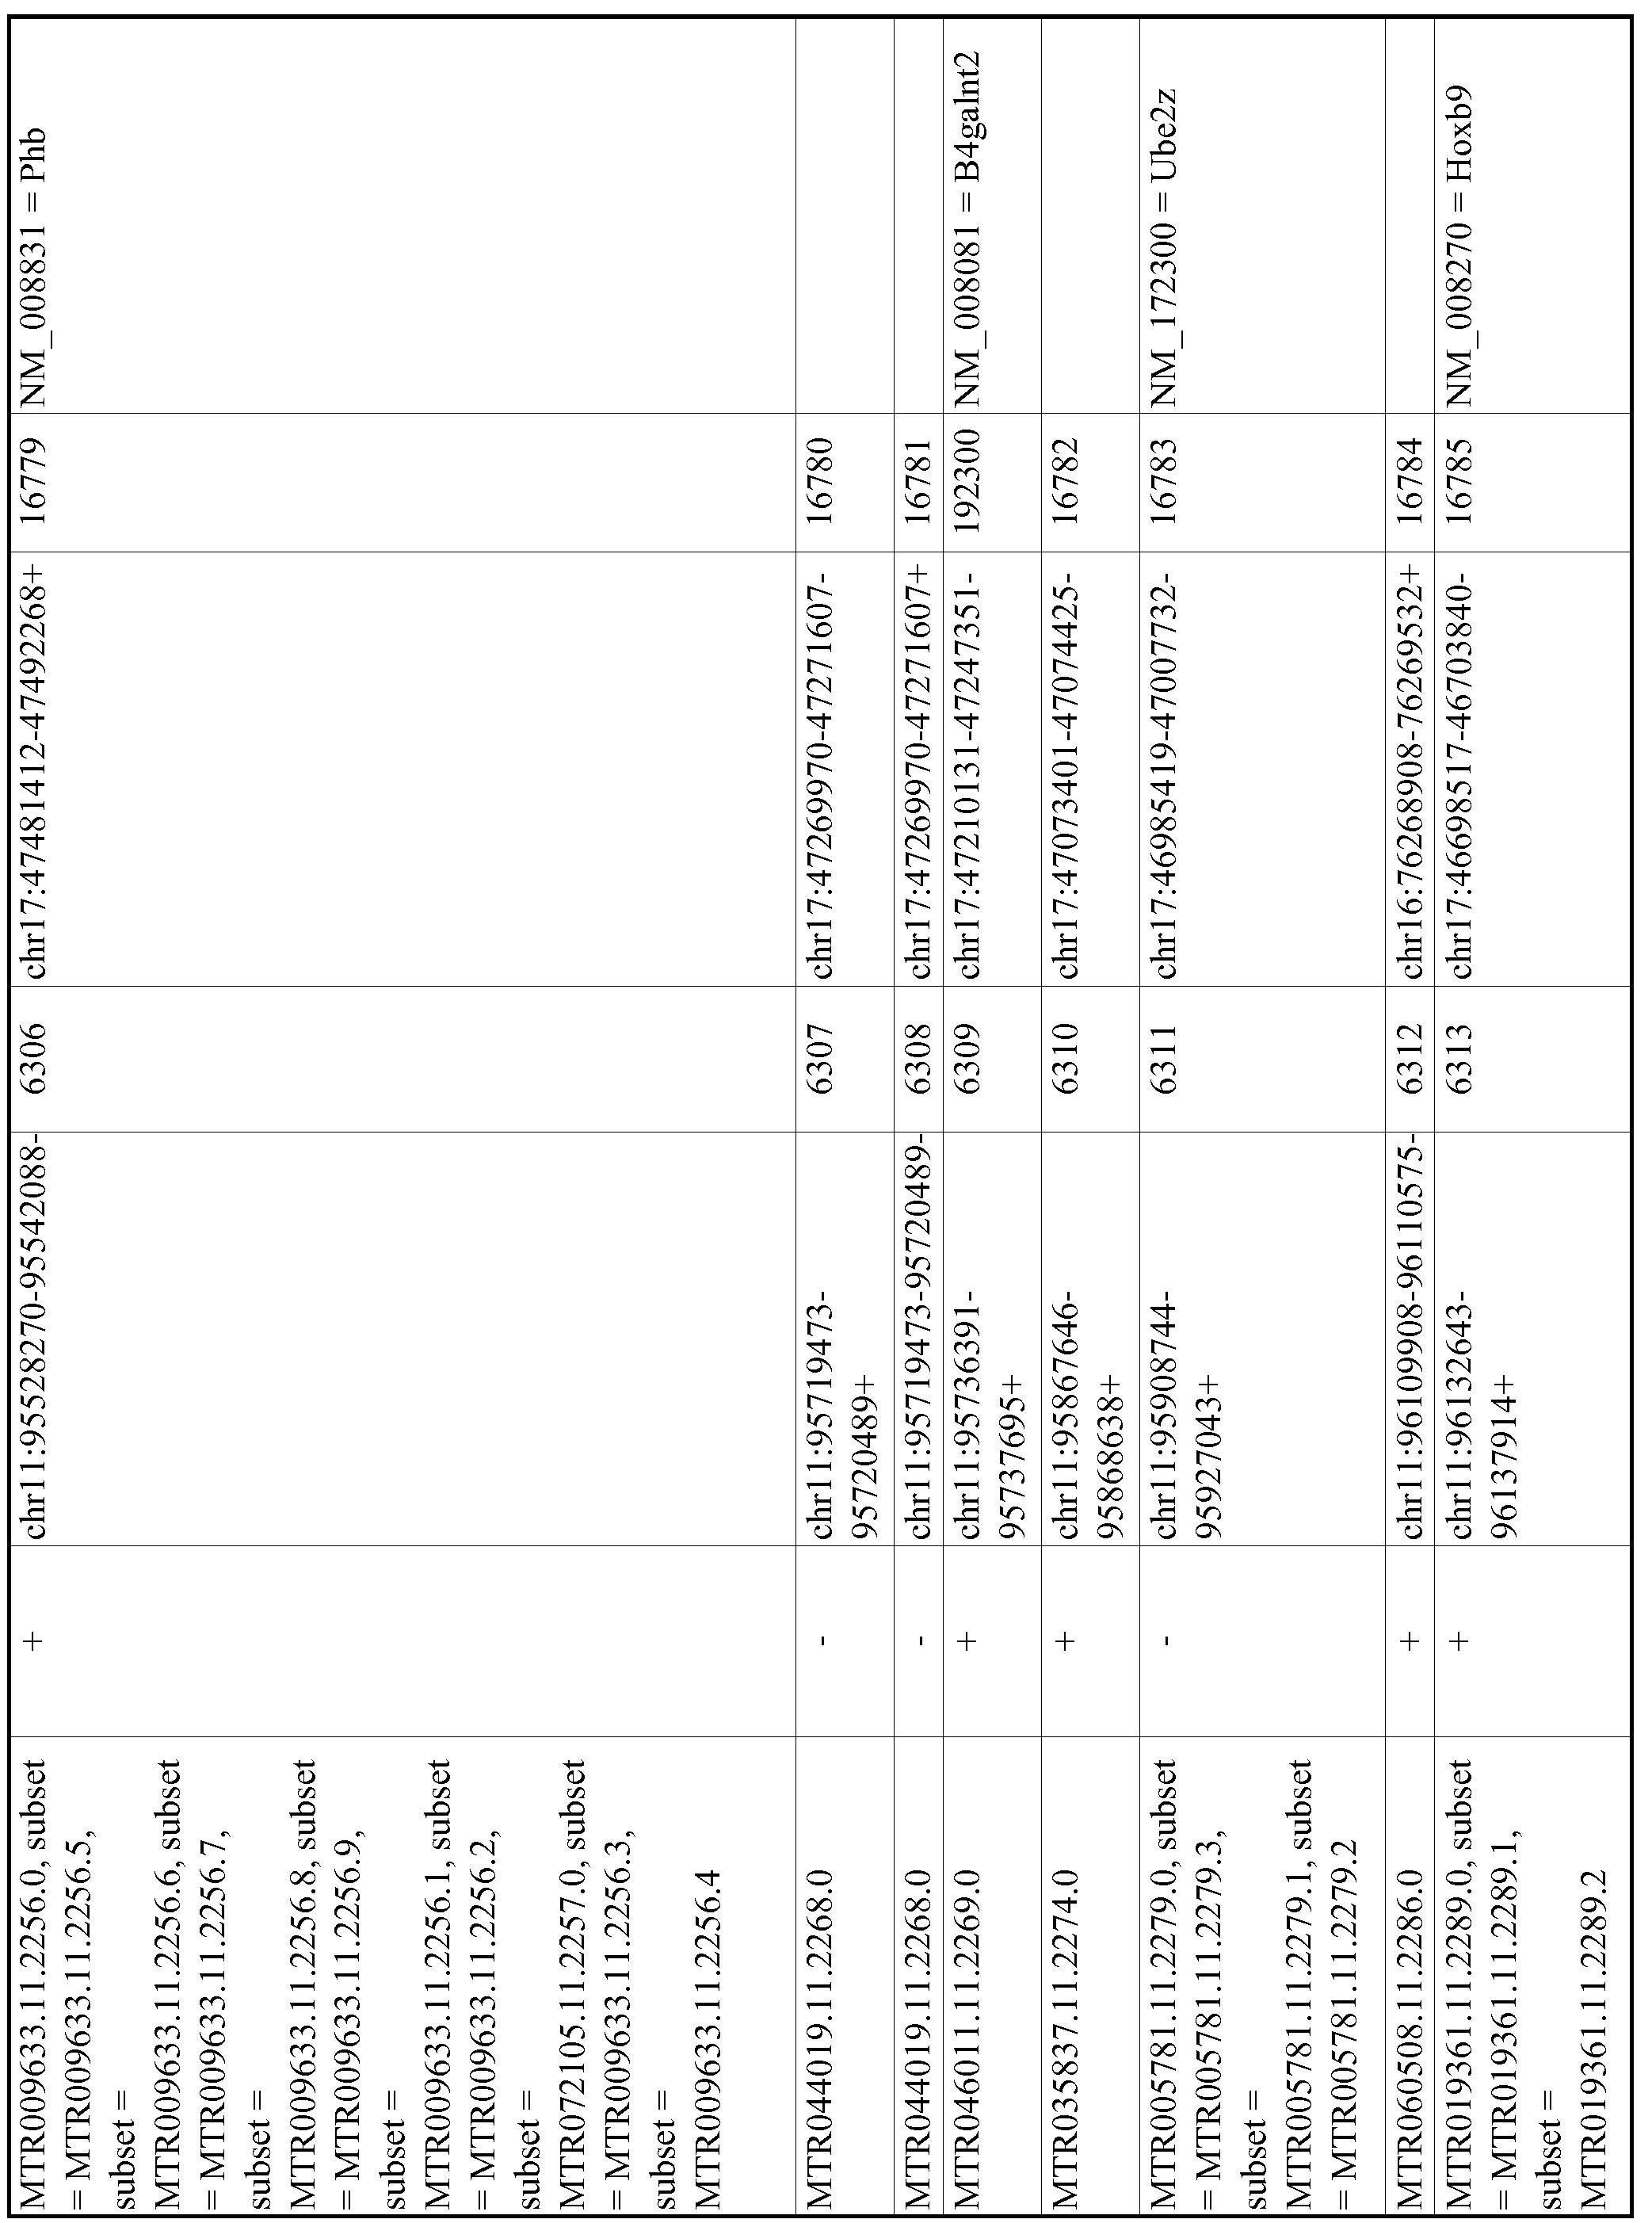 Figure imgf001133_0001